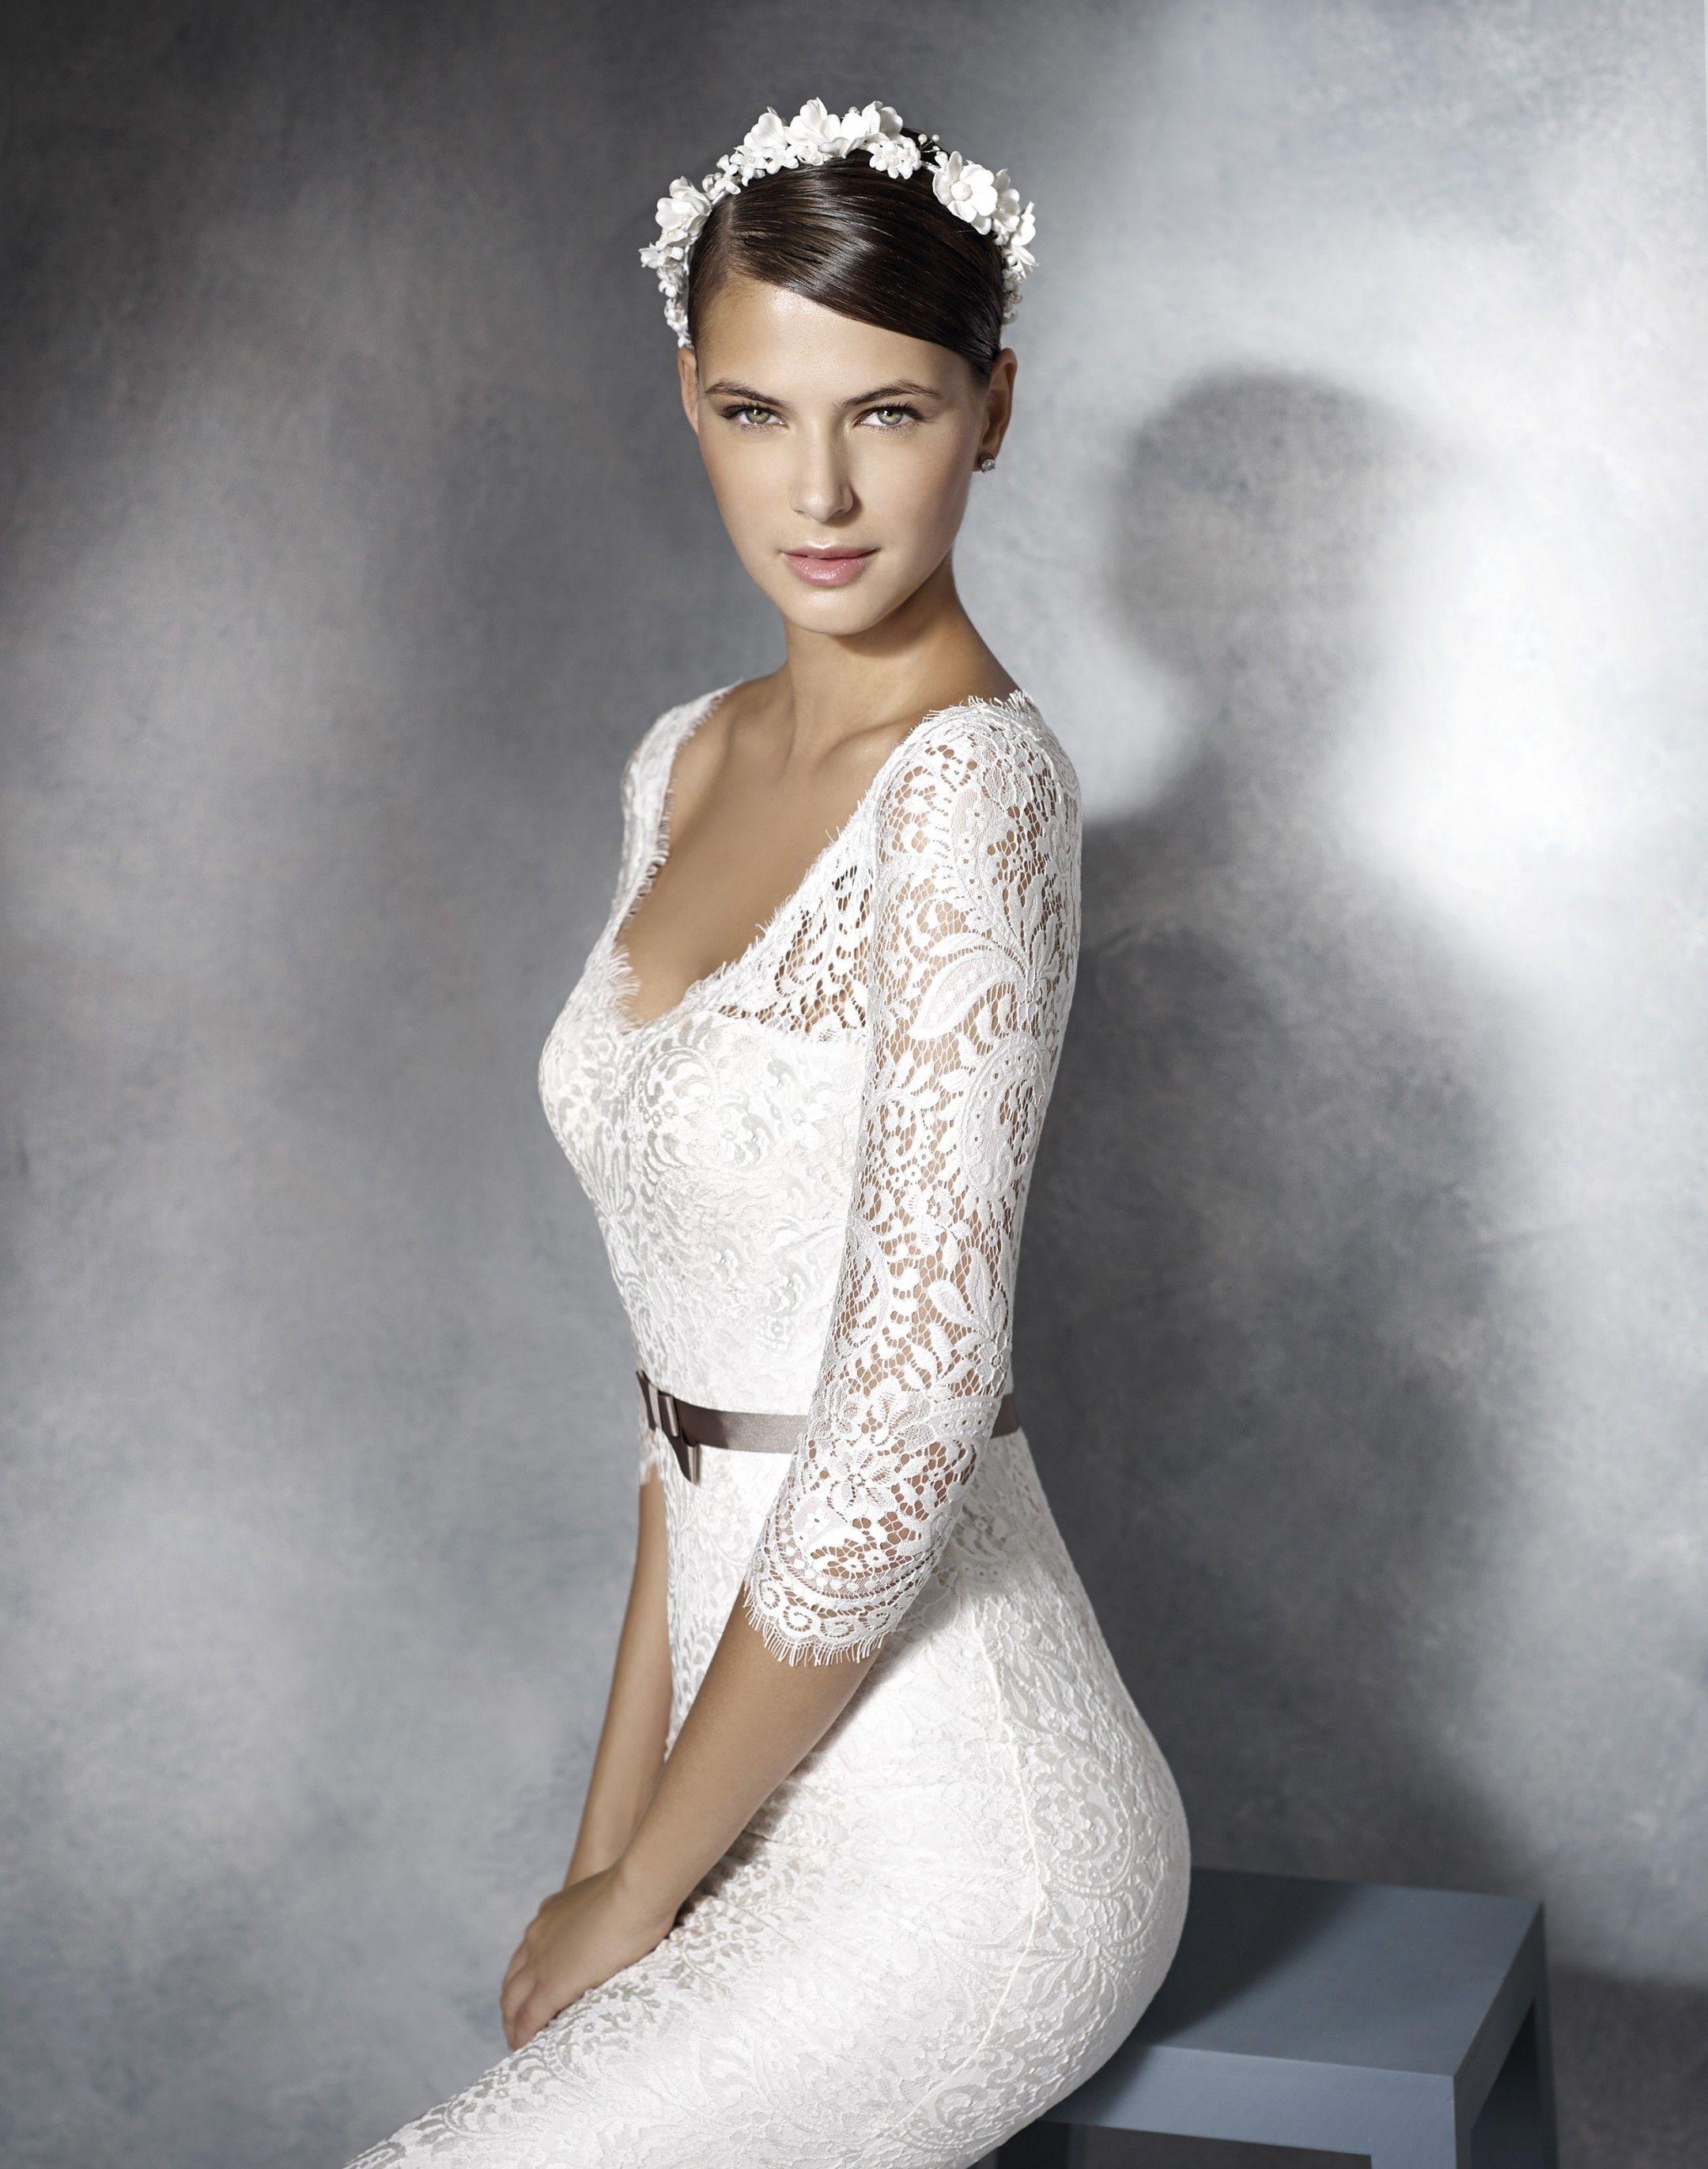 144b49612f Jimena - White One - Esküvői ruhák - Ananász Szalon - esküvői, menyasszonyi  és alkalmi. Wedding Dress .